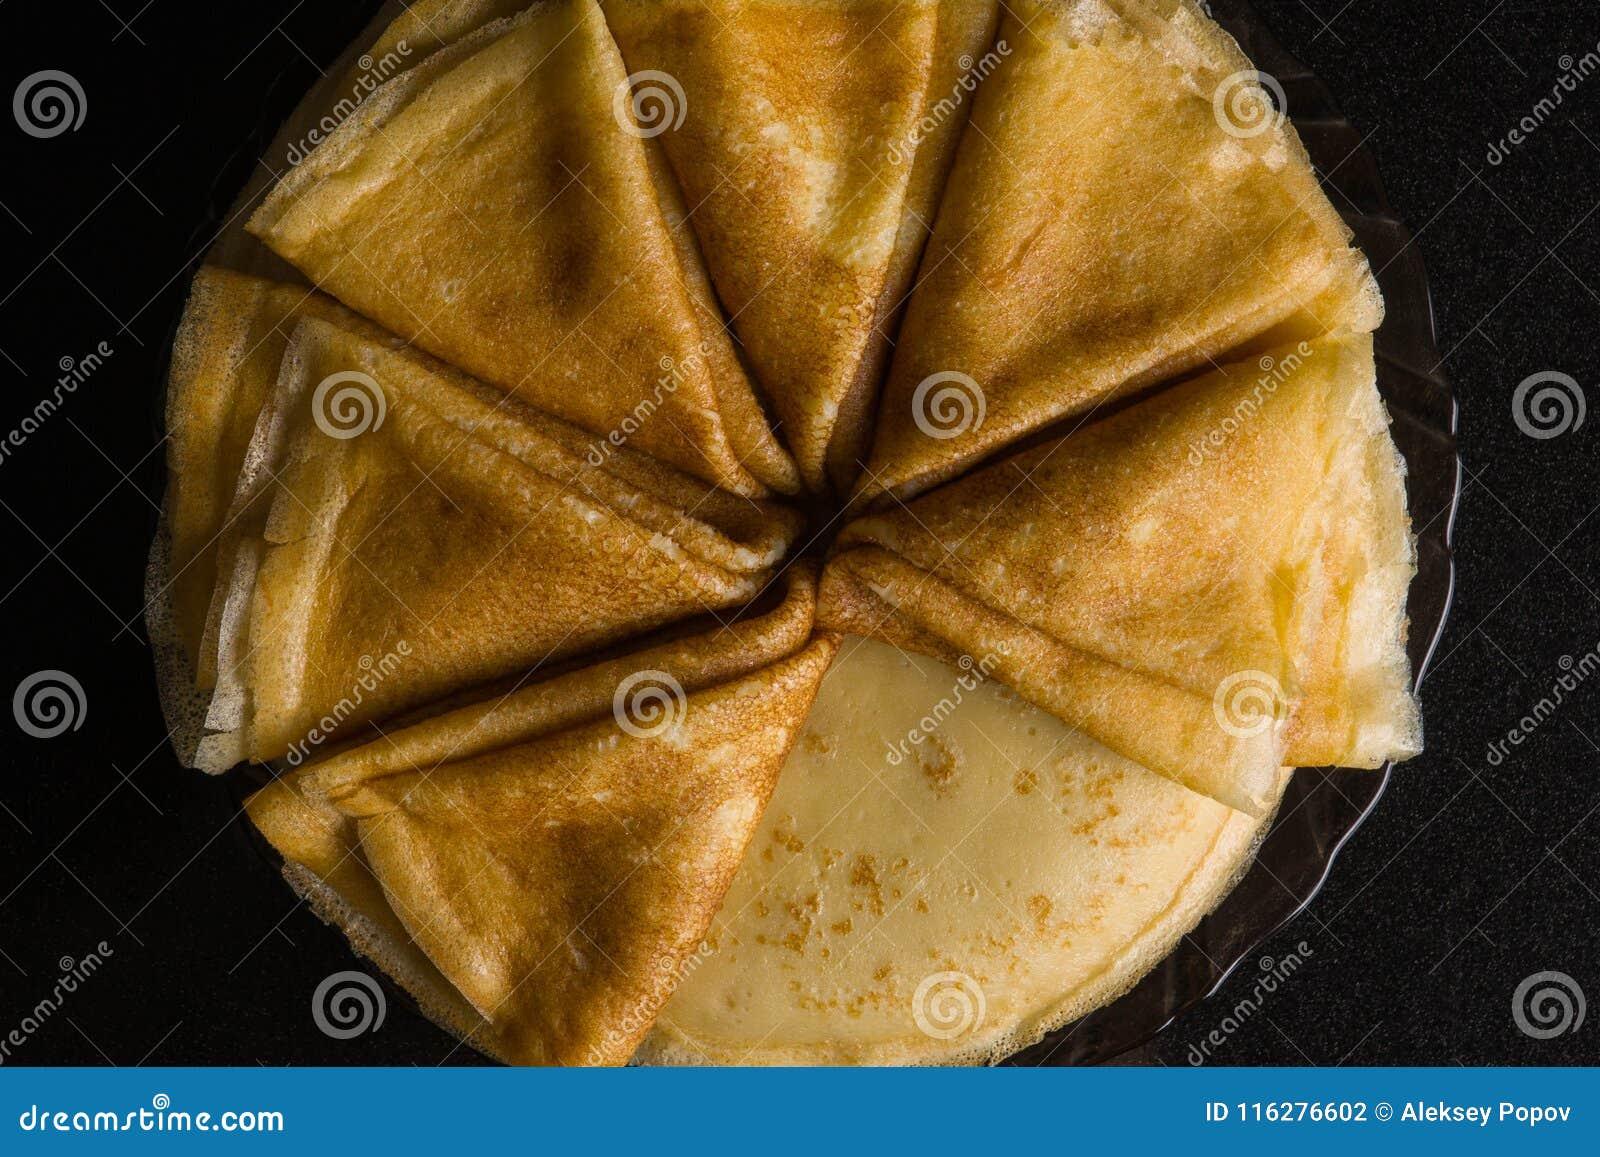 Τηγανίτες τηγανίτες λεπτές Ρωσικός bliny το maslenitsa, blini, πρόγευμα, crepe, μέλι, ζύμη, σωρός, τηγανίτα, ρωσικά, υπόβαθρο, γ